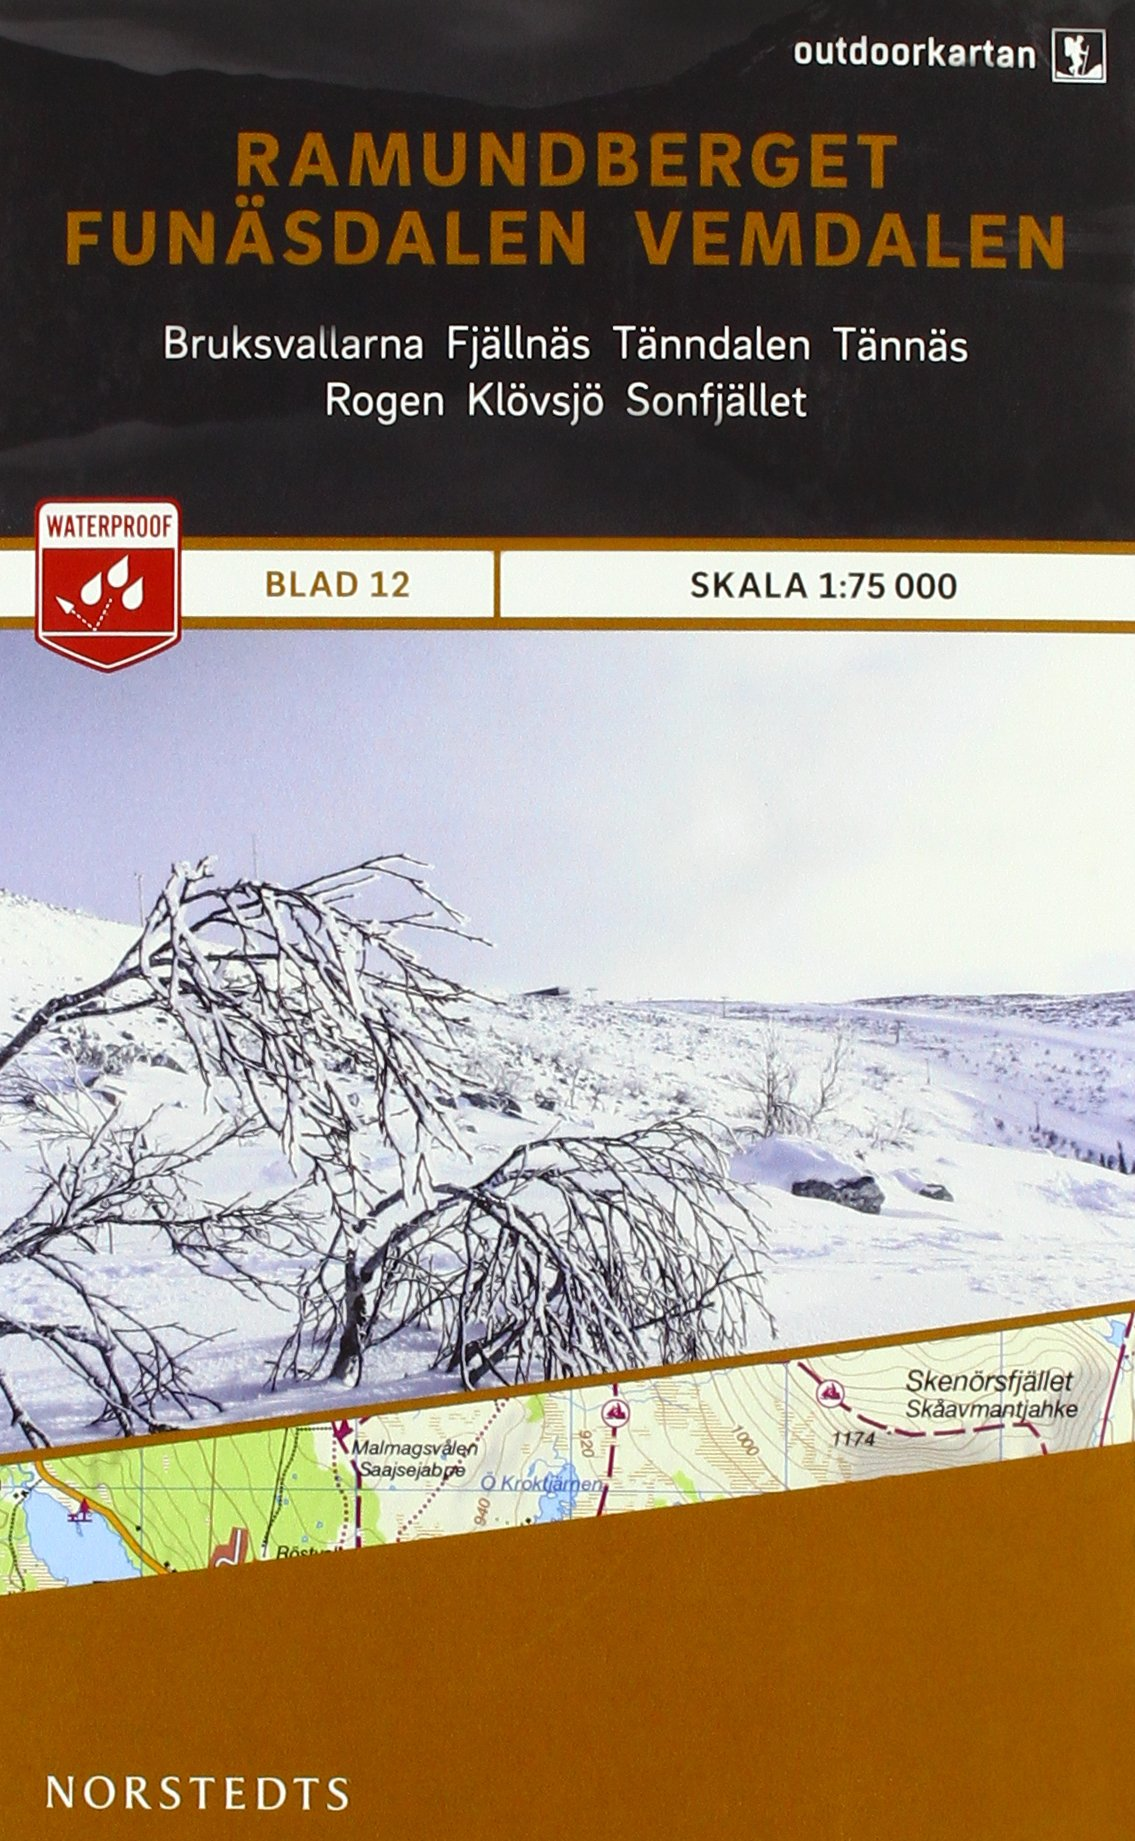 Outdoorkartan Schweden 12 Ramundberget - Funasdalen 1 : 75 000: amtliche Karte